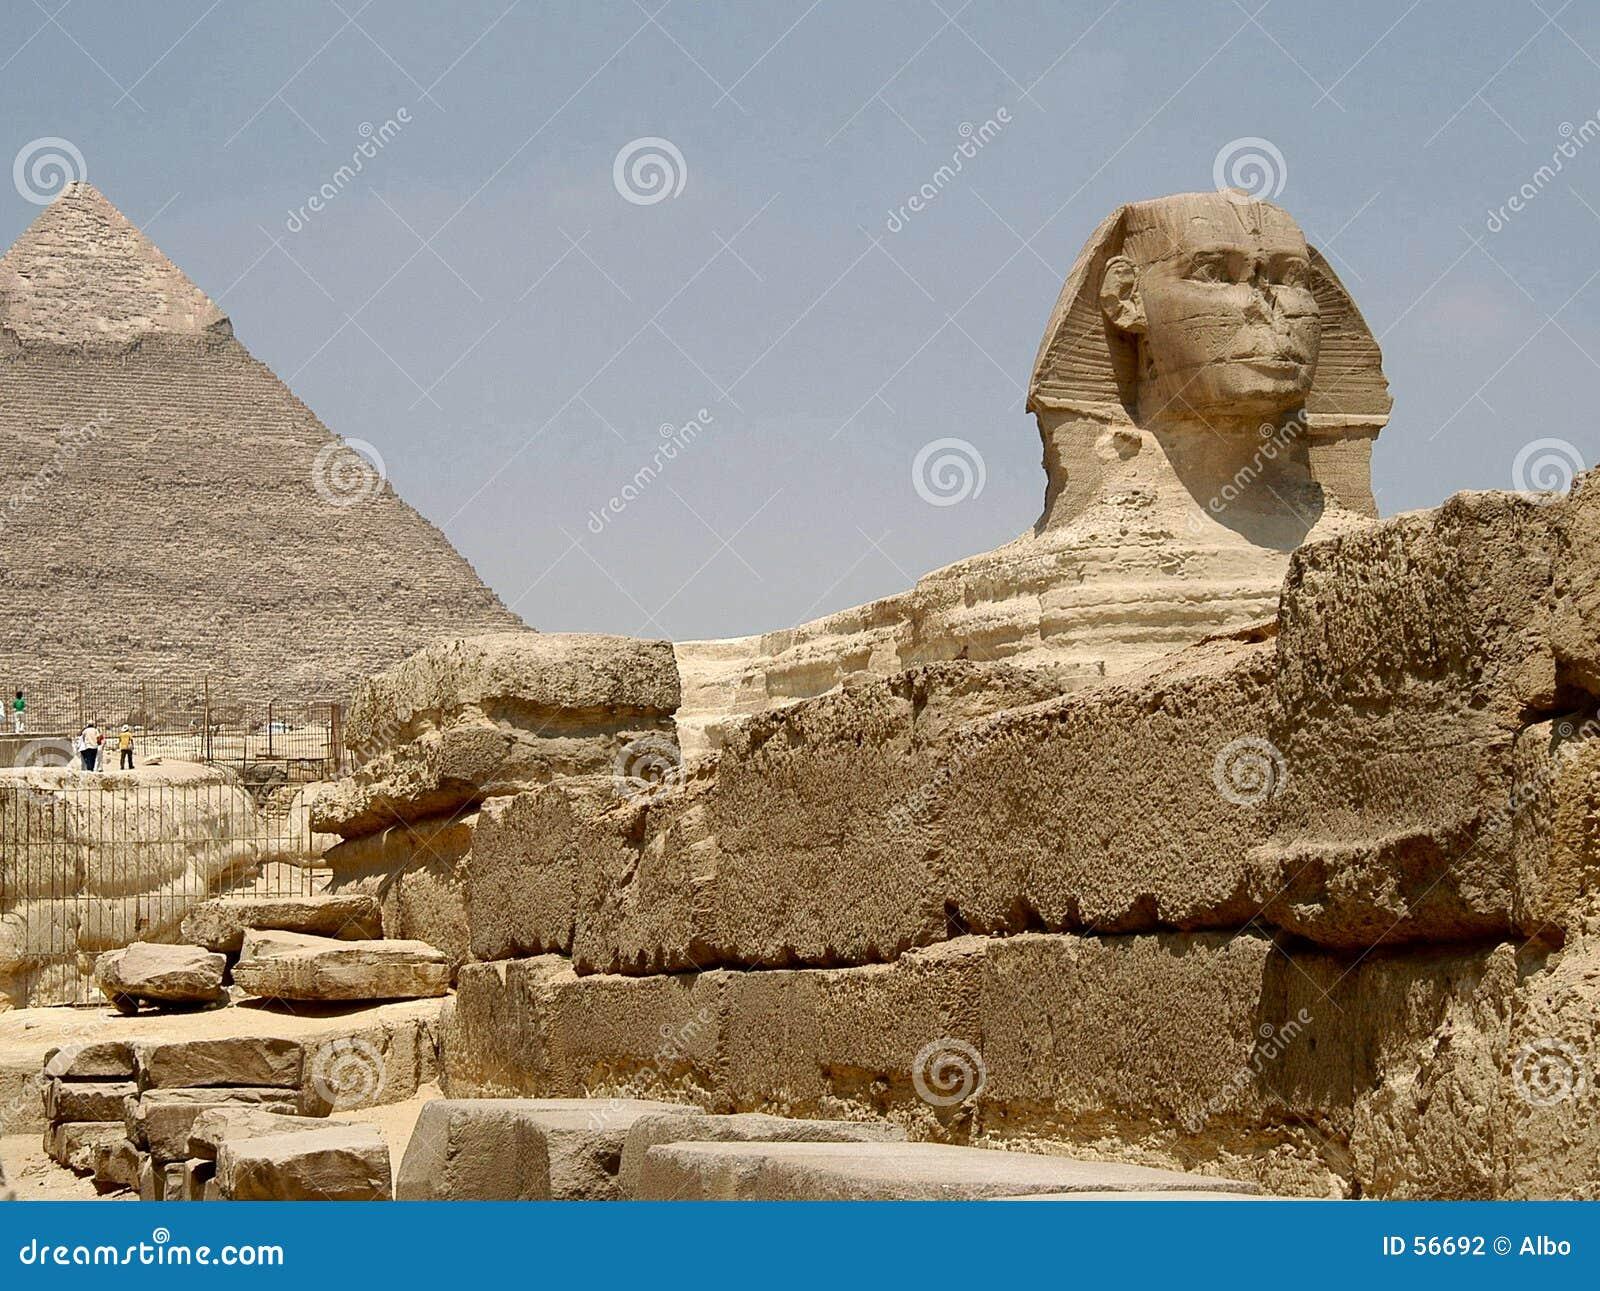 Pyramidsphynx